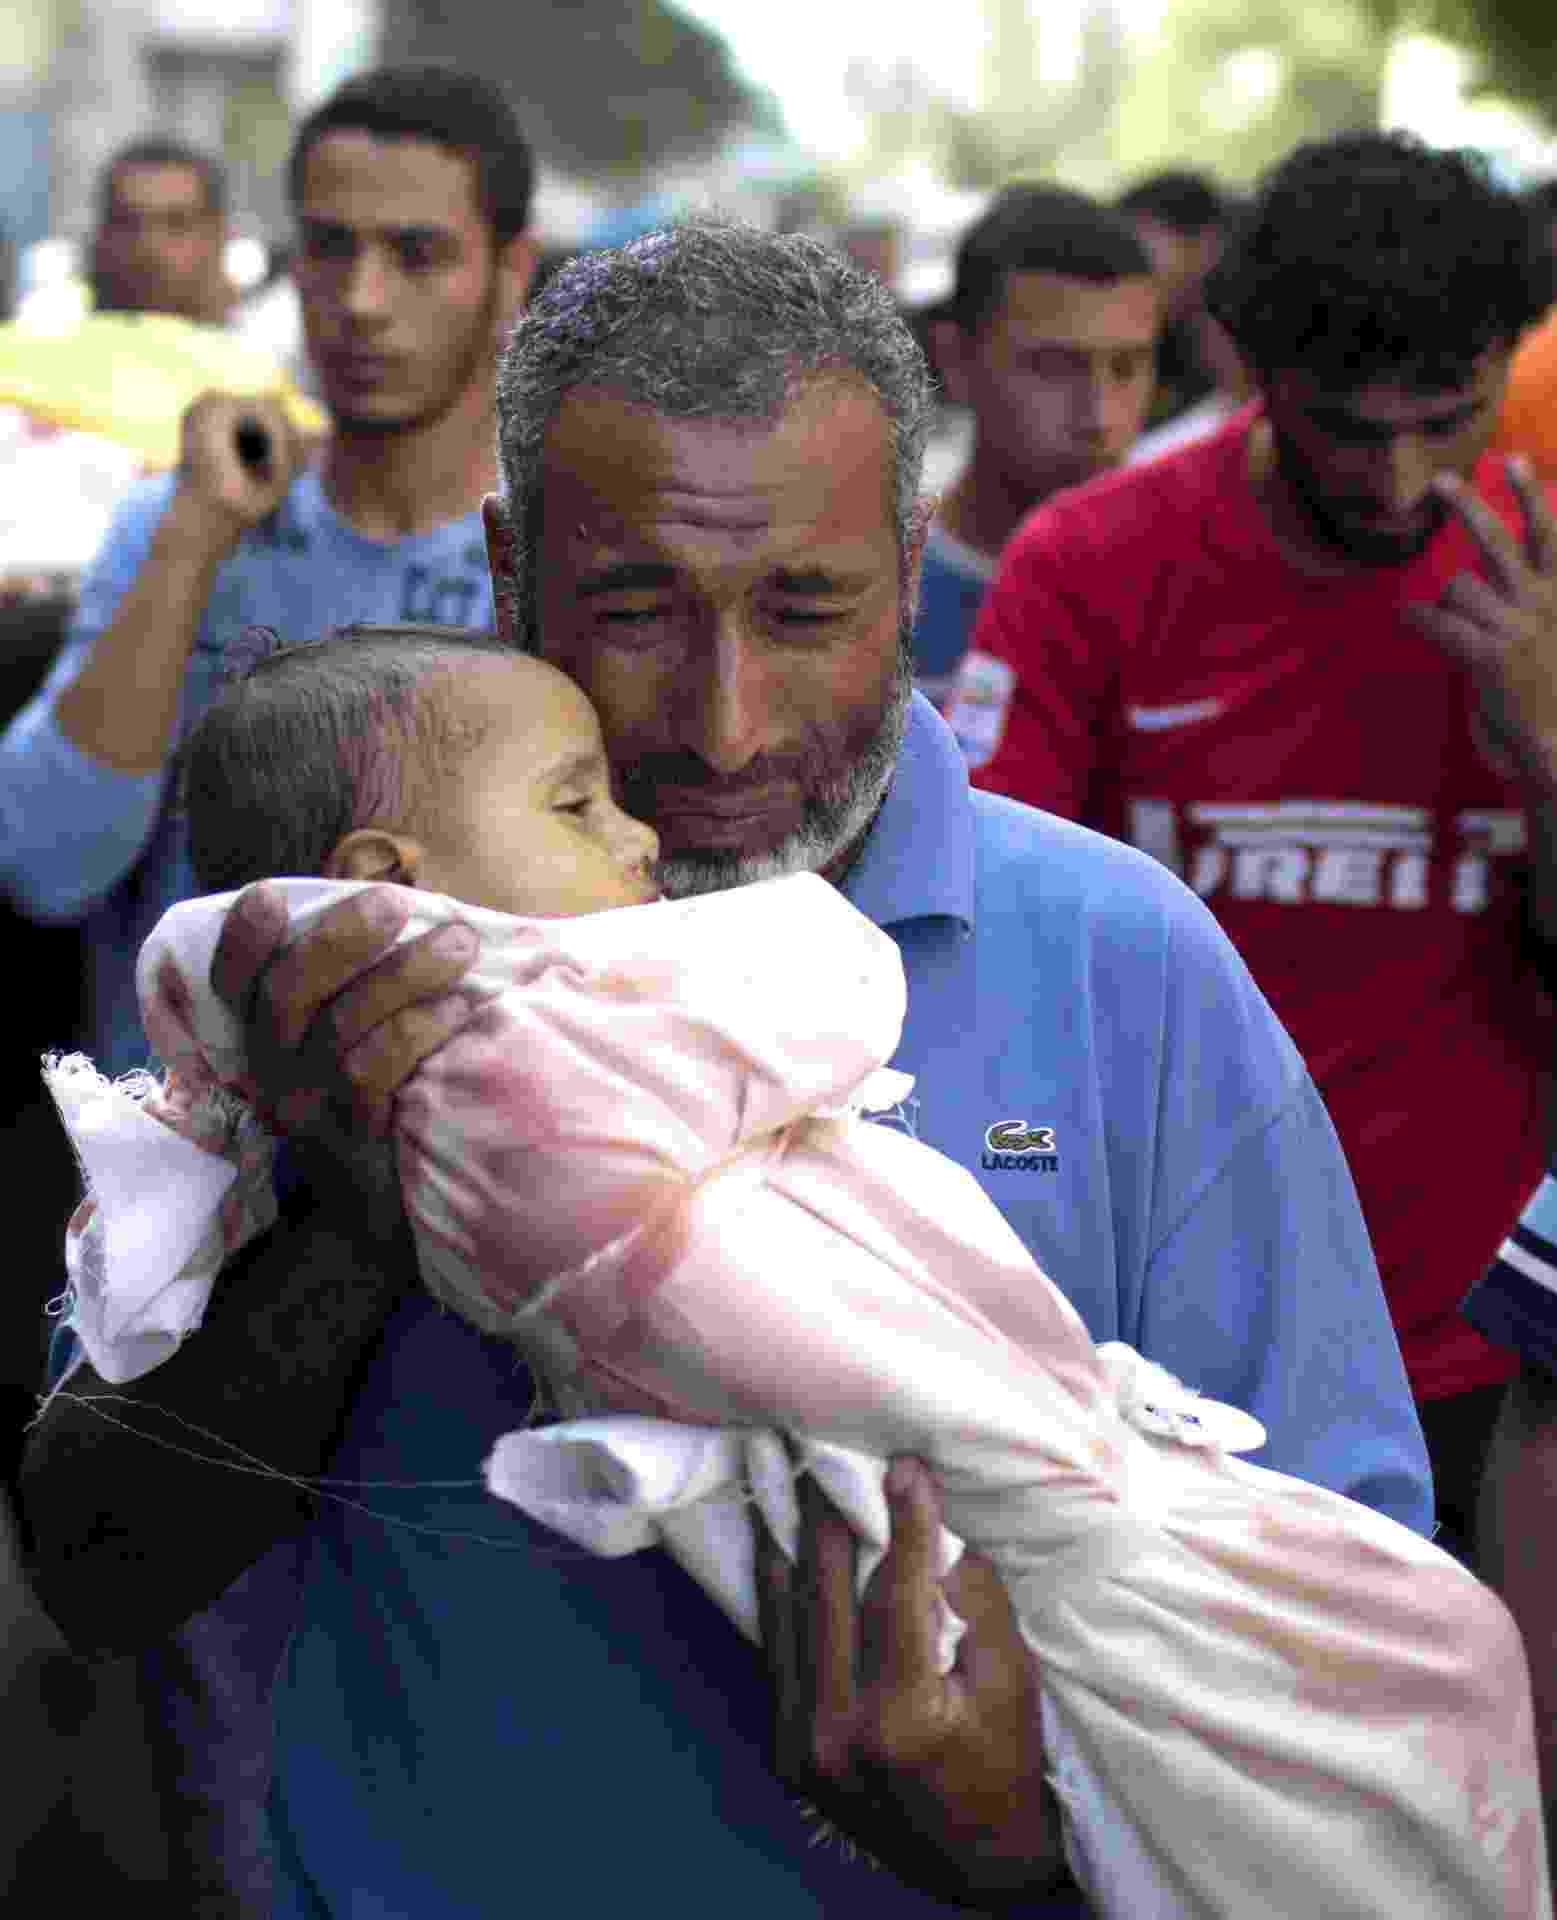 25.jul.2014 - Palestino carrega o corpo de bebê de um ano de idade, morto por causa dos ferimentos sofridos após o ataque de uma escola da ONU em Beit Hanun, norte da Faixa de Gaza, por um tanque israelense. Quinze pessoas morreram quando as forças de Israel atingiu a escola da ONU, usada como abrigo contra os ataques a Gaza, elevando o número de palestinos no 17 º dia de conflito a quase 800 pessoas - Mahmud Hams/AFP